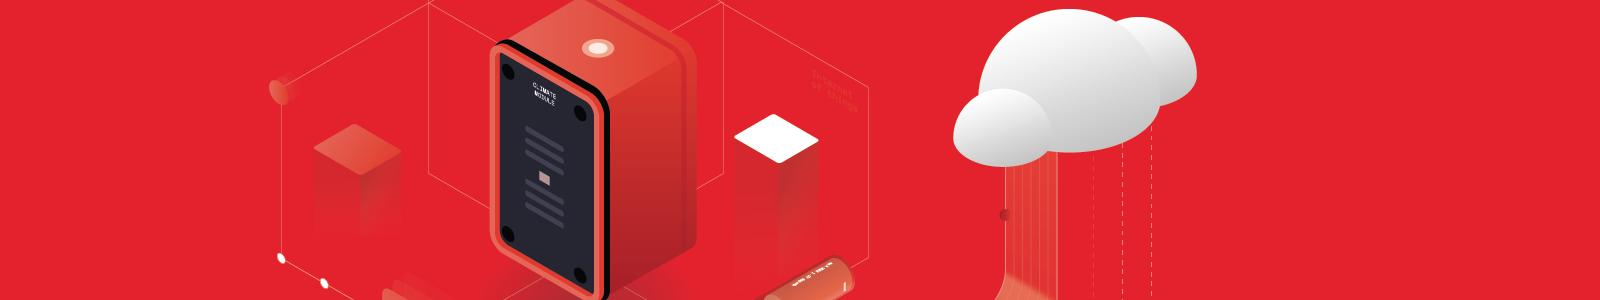 Jak vytvořit vlastní síť LoRaWAN? Mikrotik a ChirpStack